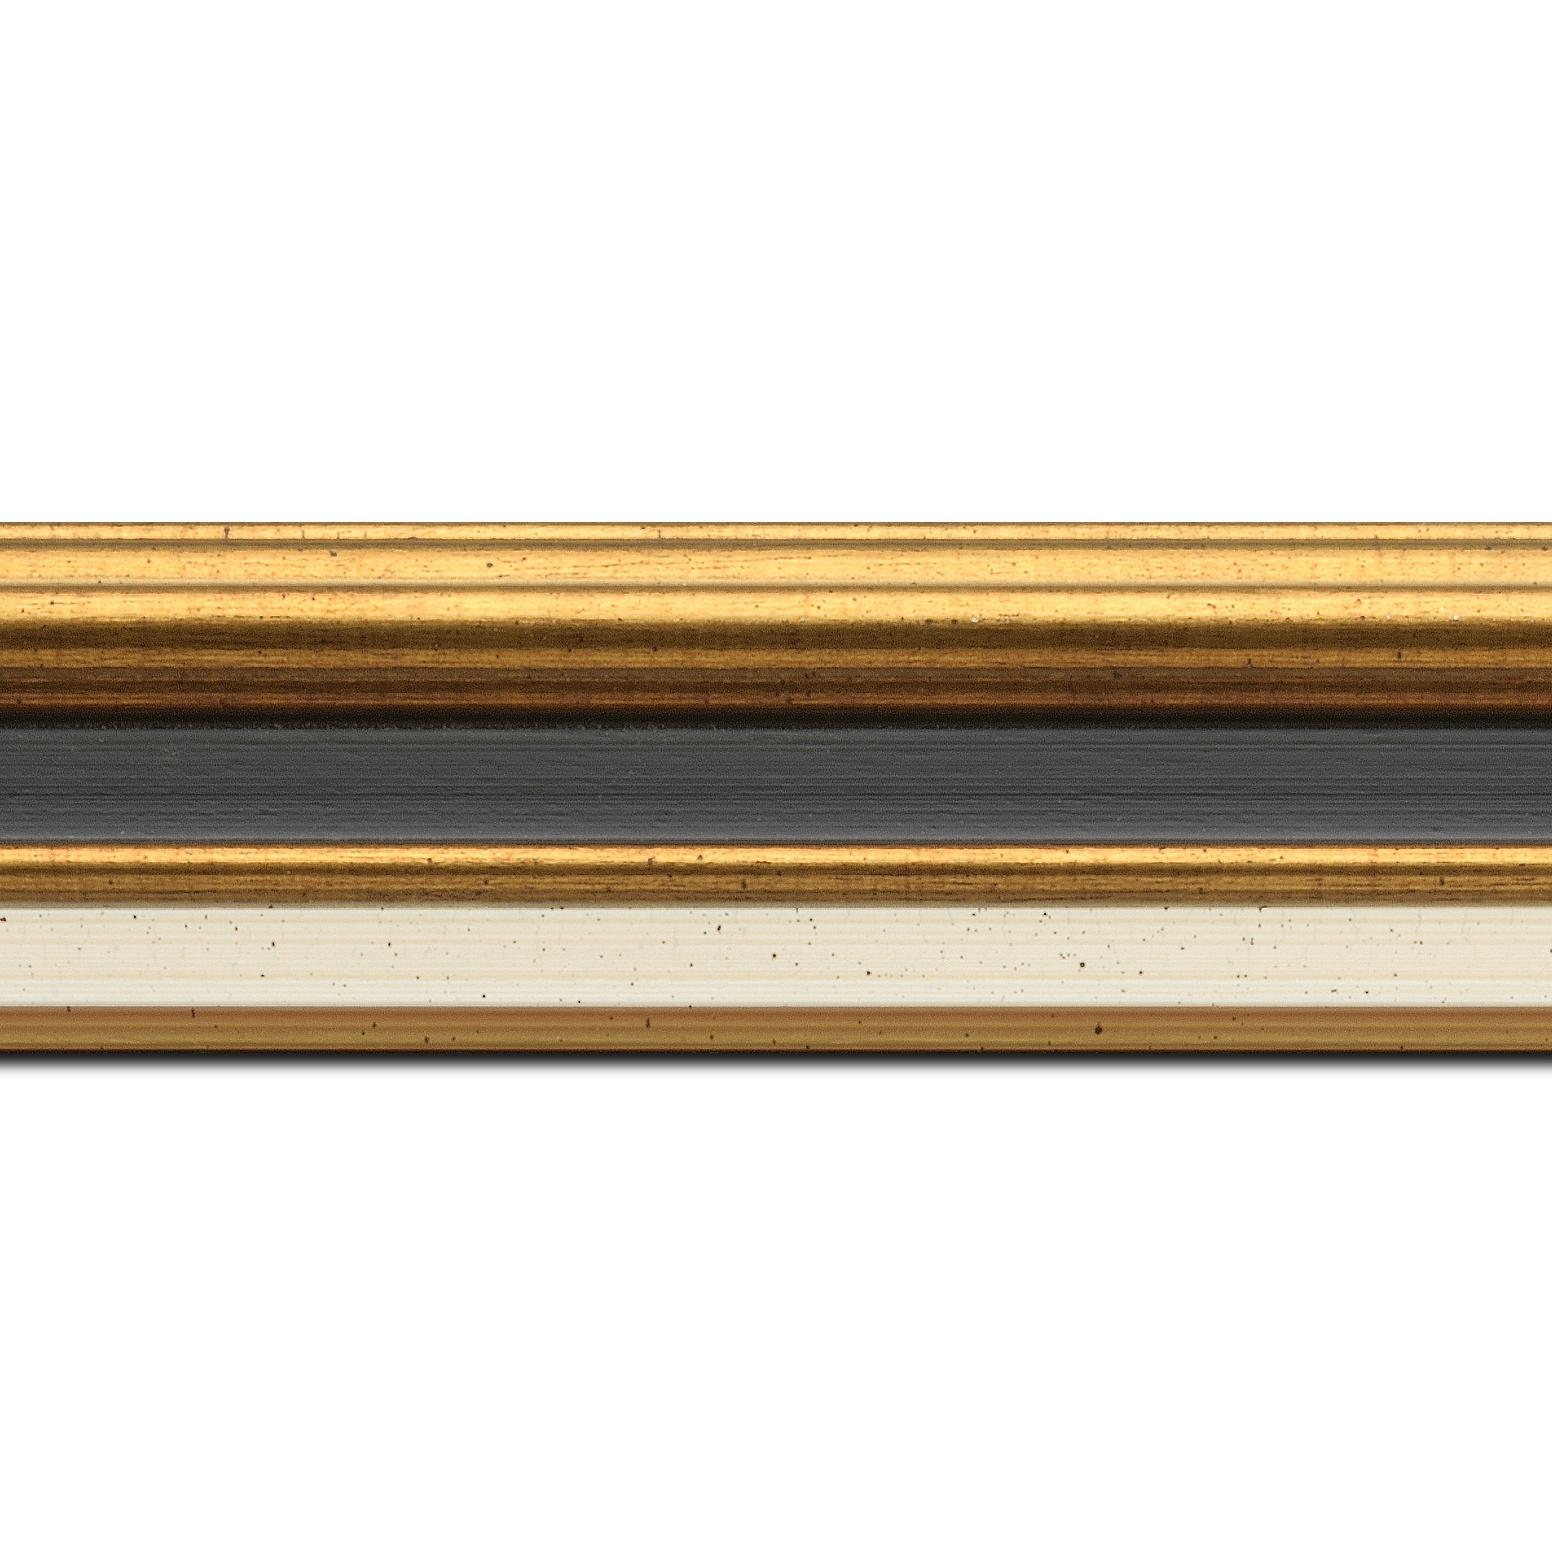 Pack par 12m, bois largeur 5.2cm or gorge noire  marie louise crème filet or intégrée(longueur baguette pouvant varier entre 2.40m et 3m selon arrivage des bois)